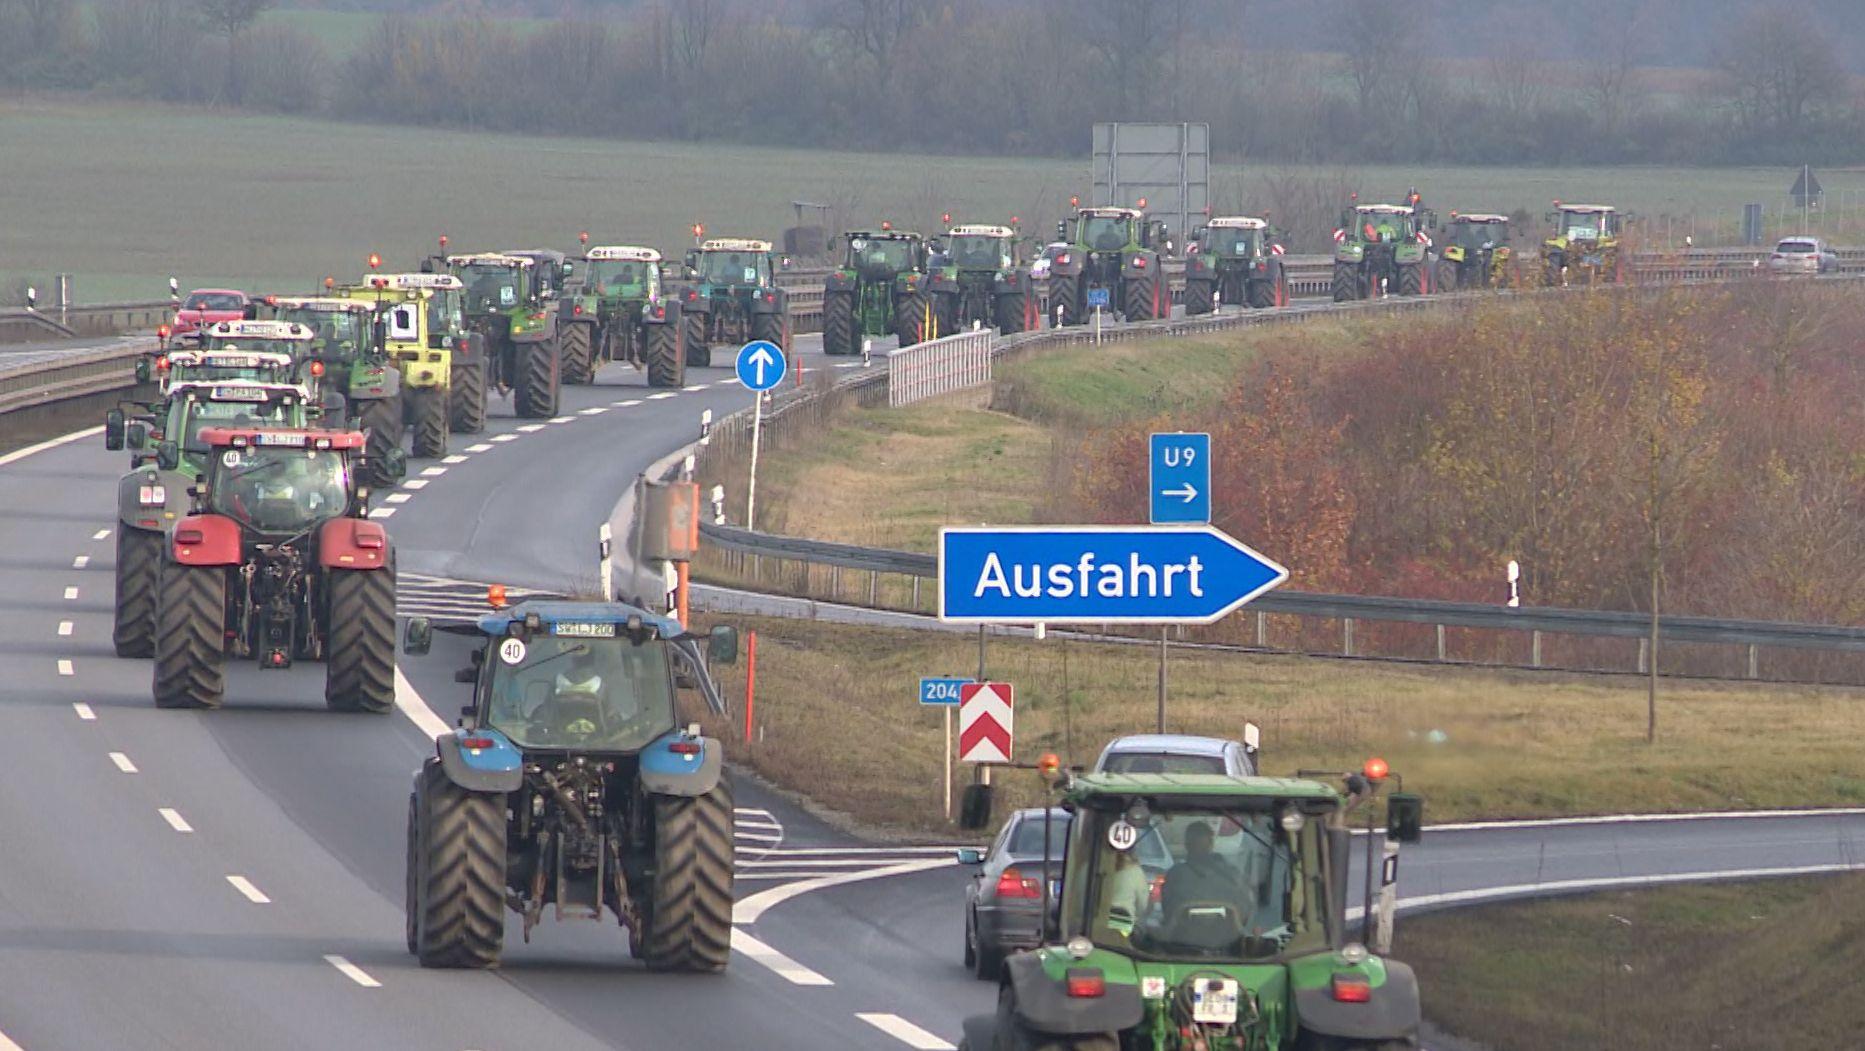 Traktoren auf dem Weg nach Berlin